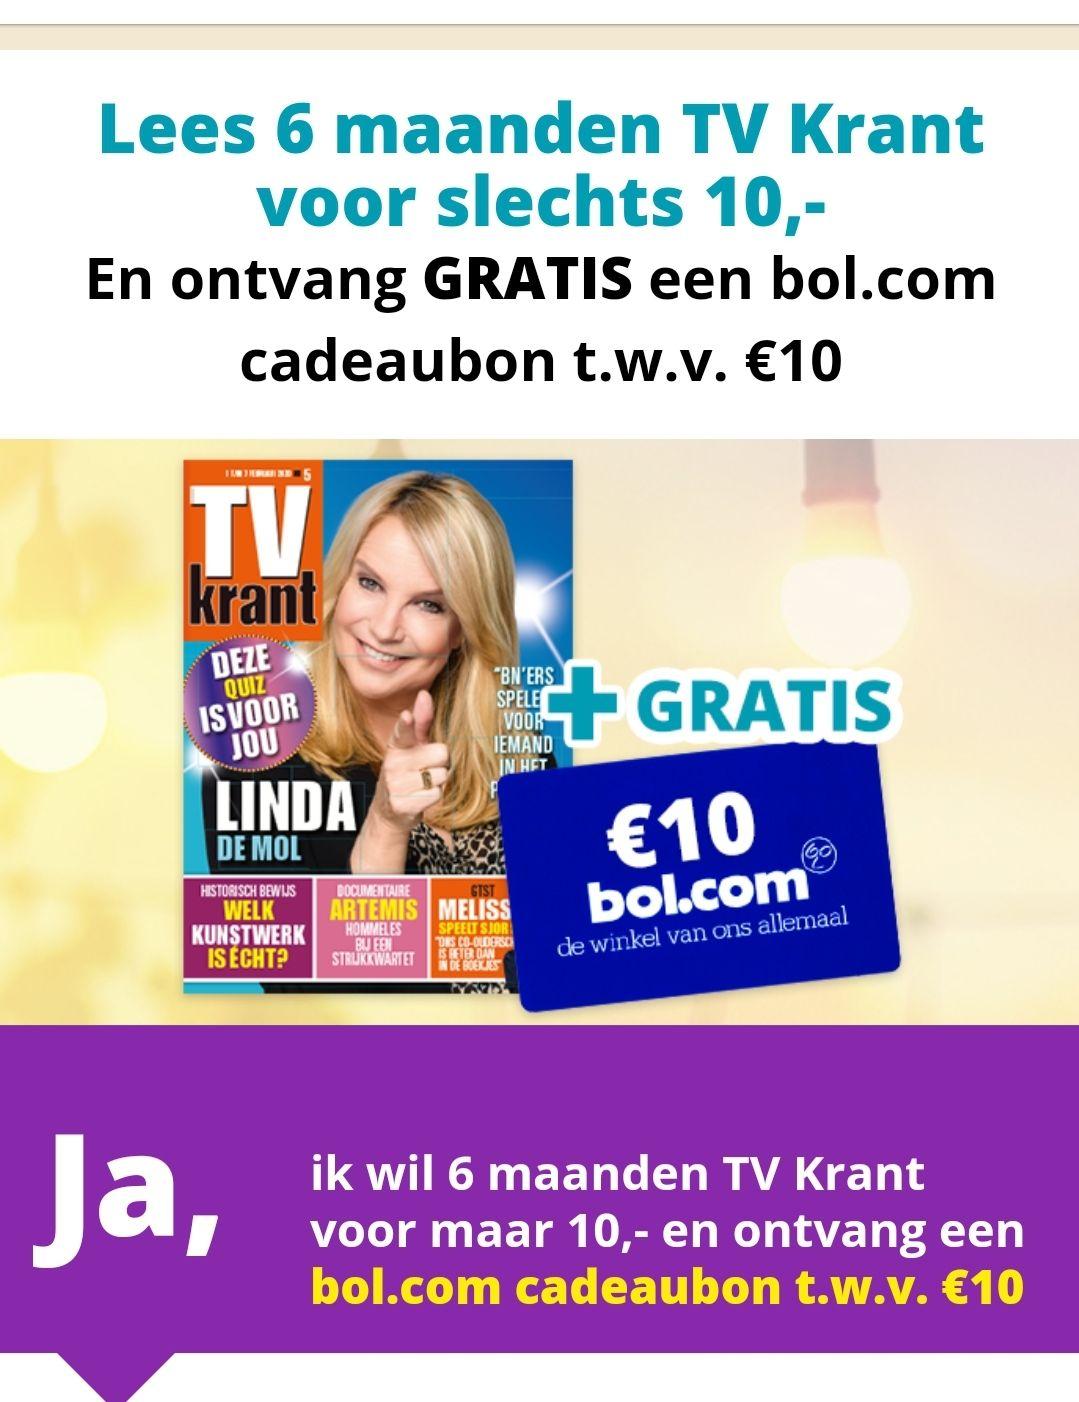 Half jaar tv krant + 10 euro BOL.COM kaart. (Via cashbackkorting.nl 2,50 cashcoins)